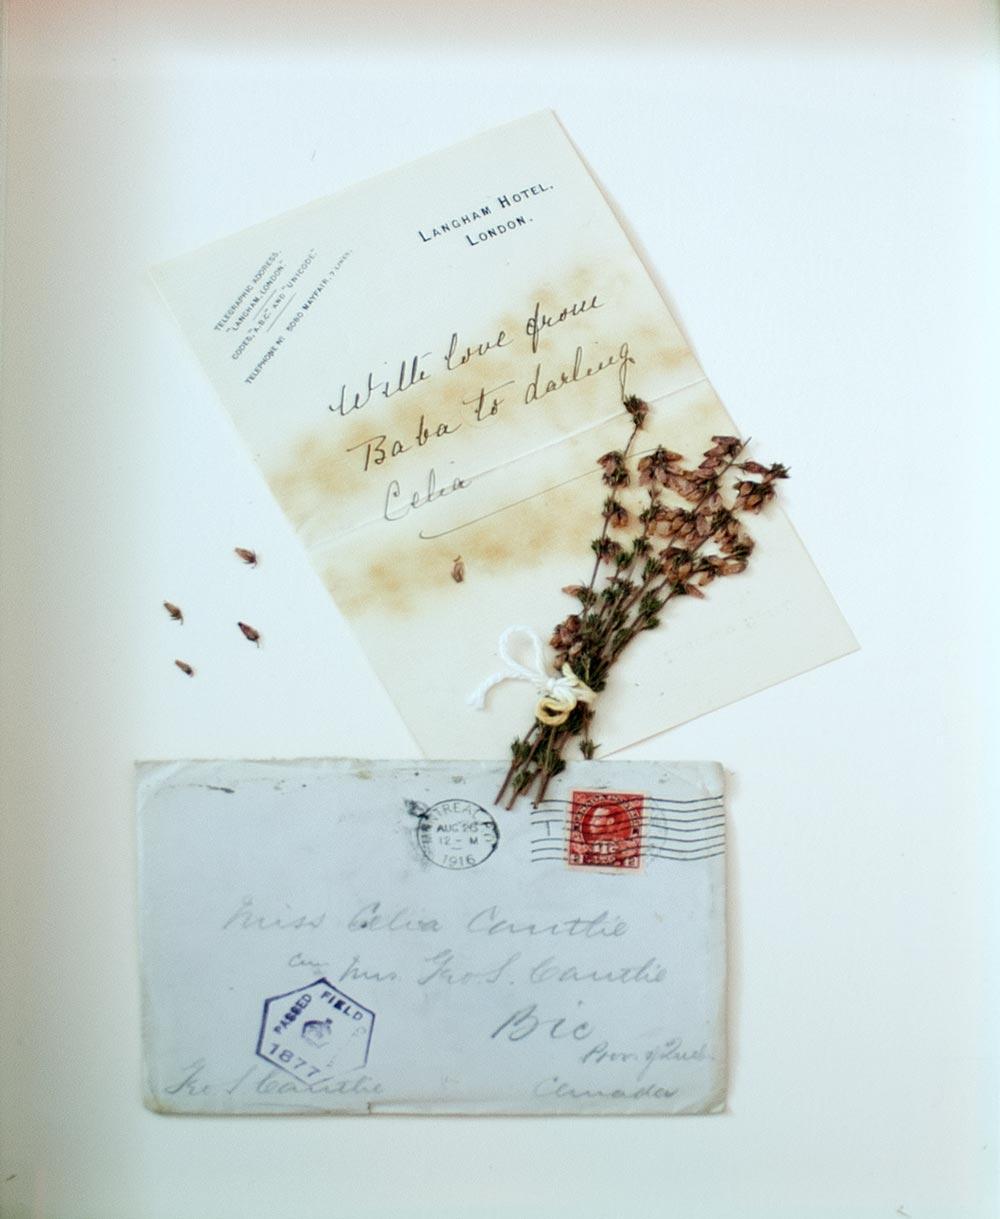 Dévouement - lettre | Fleurs d'Armes - Une exposition artisitique itinérante | www.fleursdarmes.ca